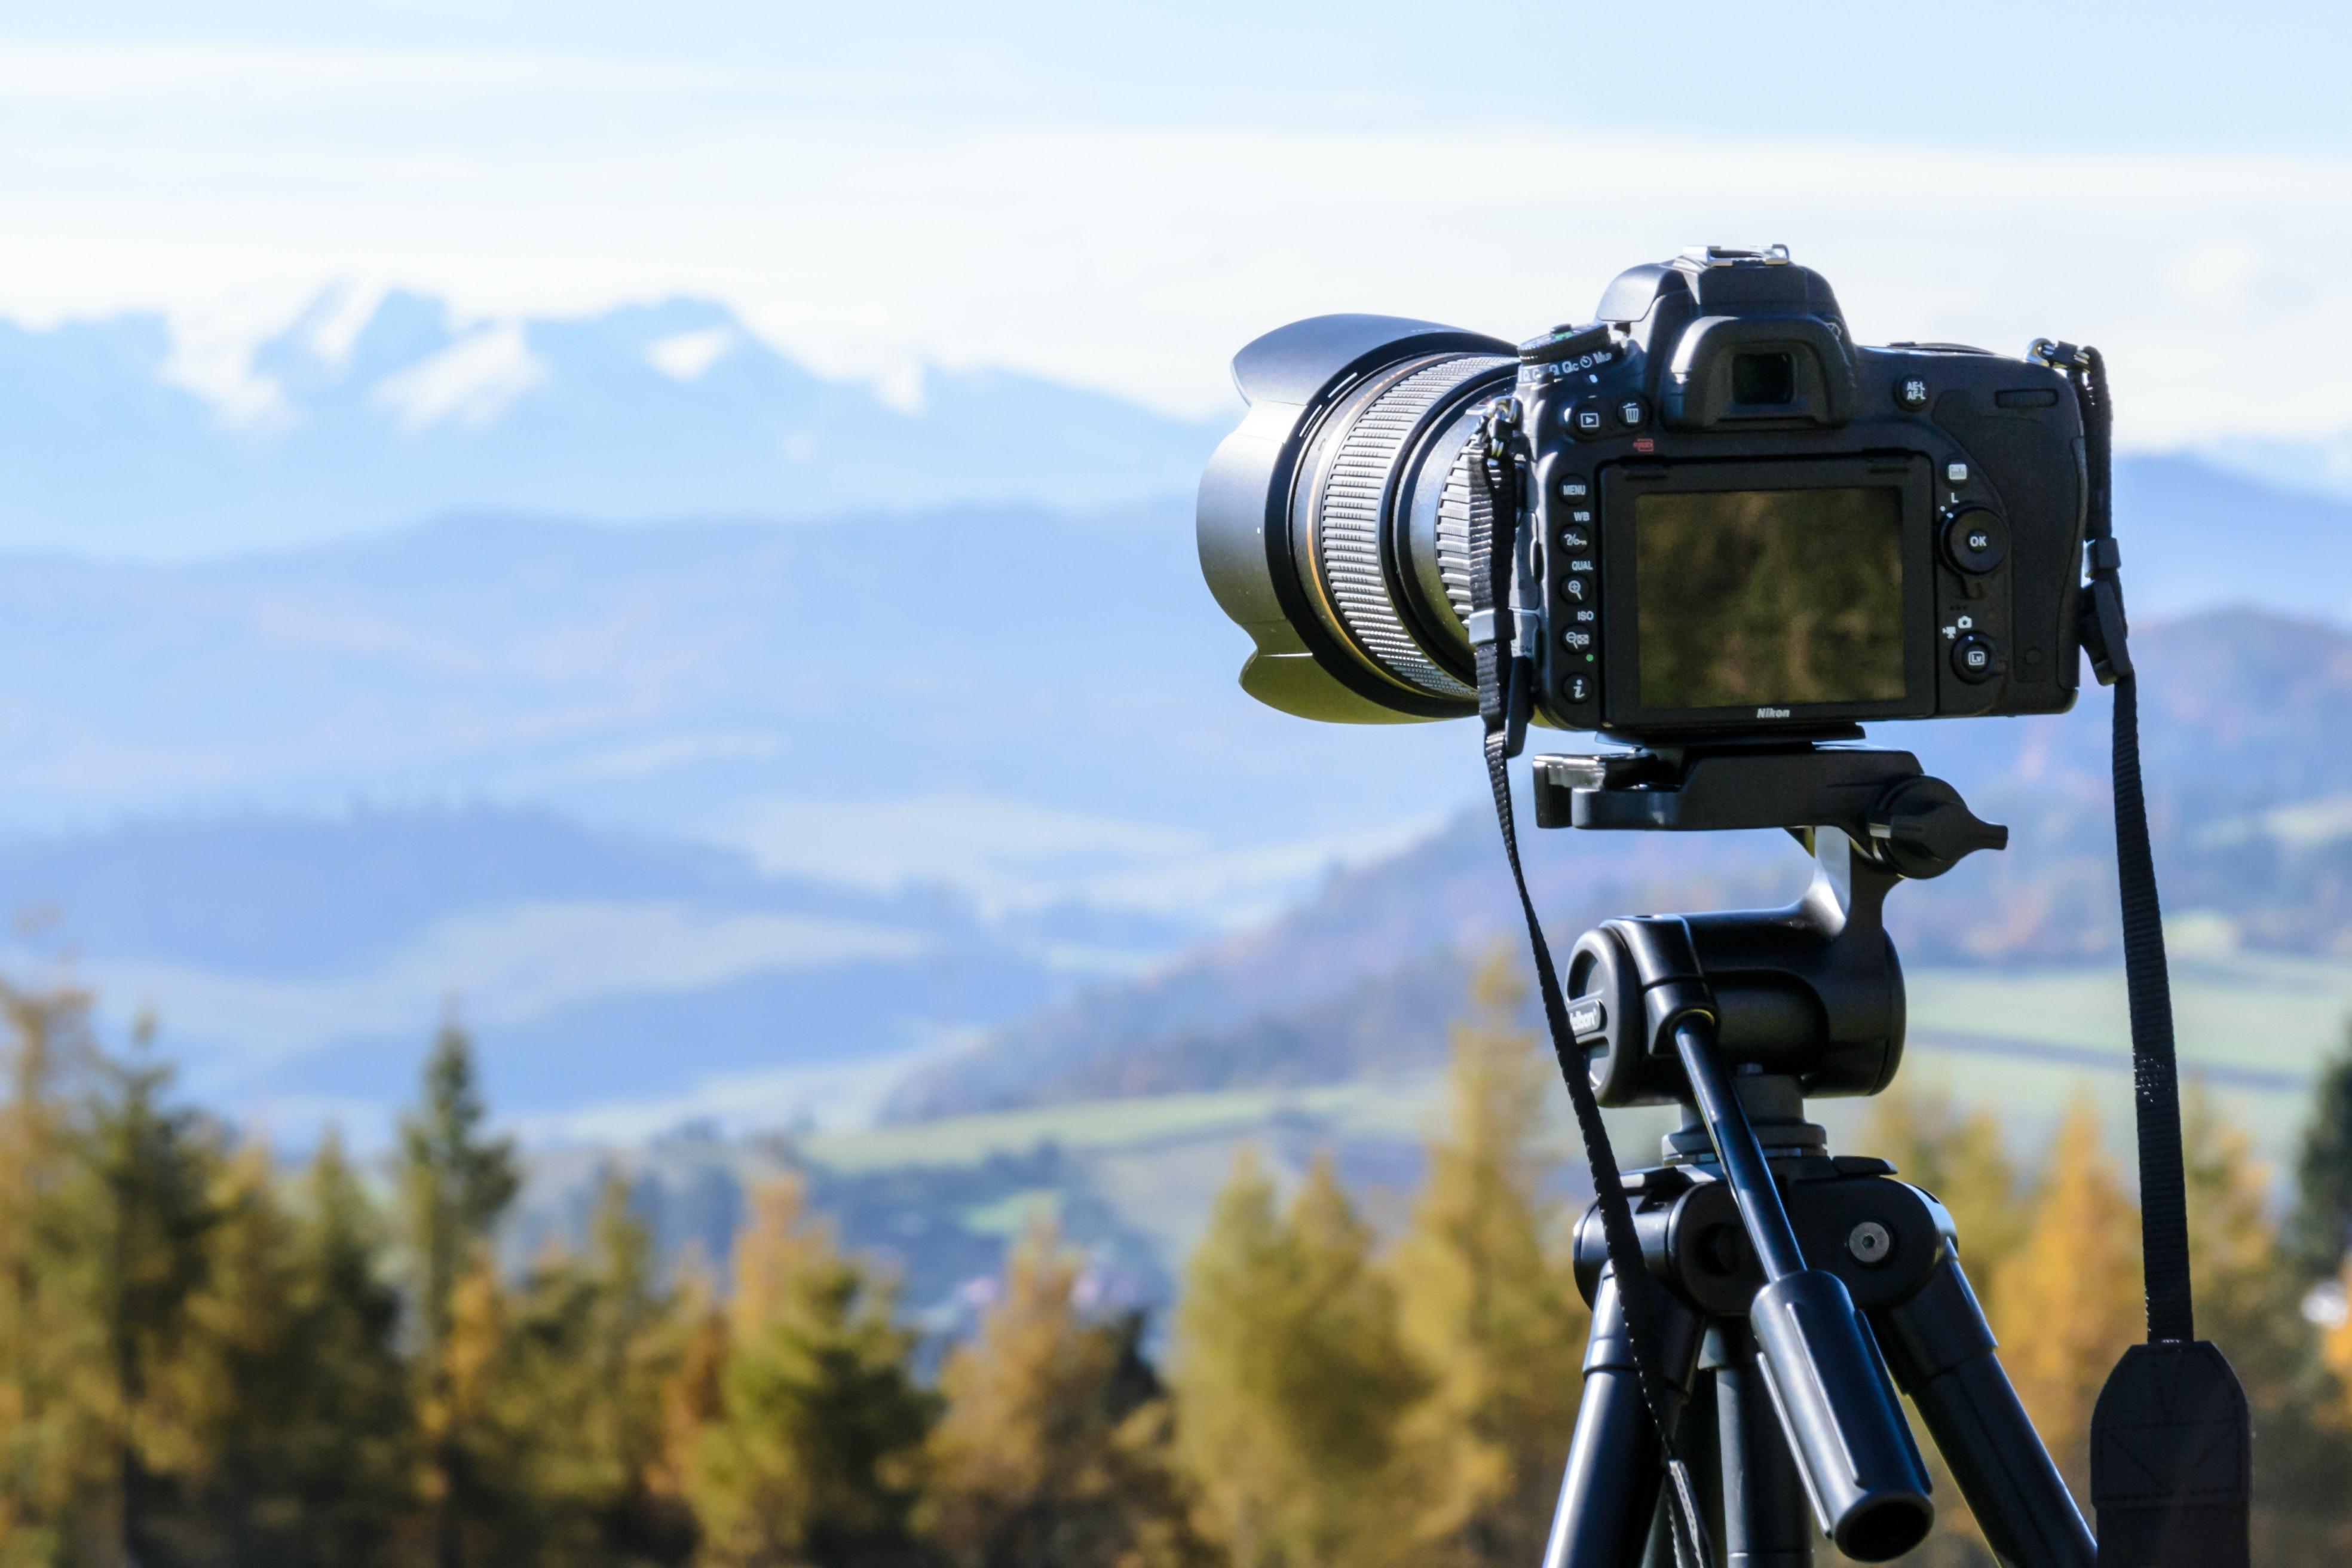 DSLR camera pointed towards landscape